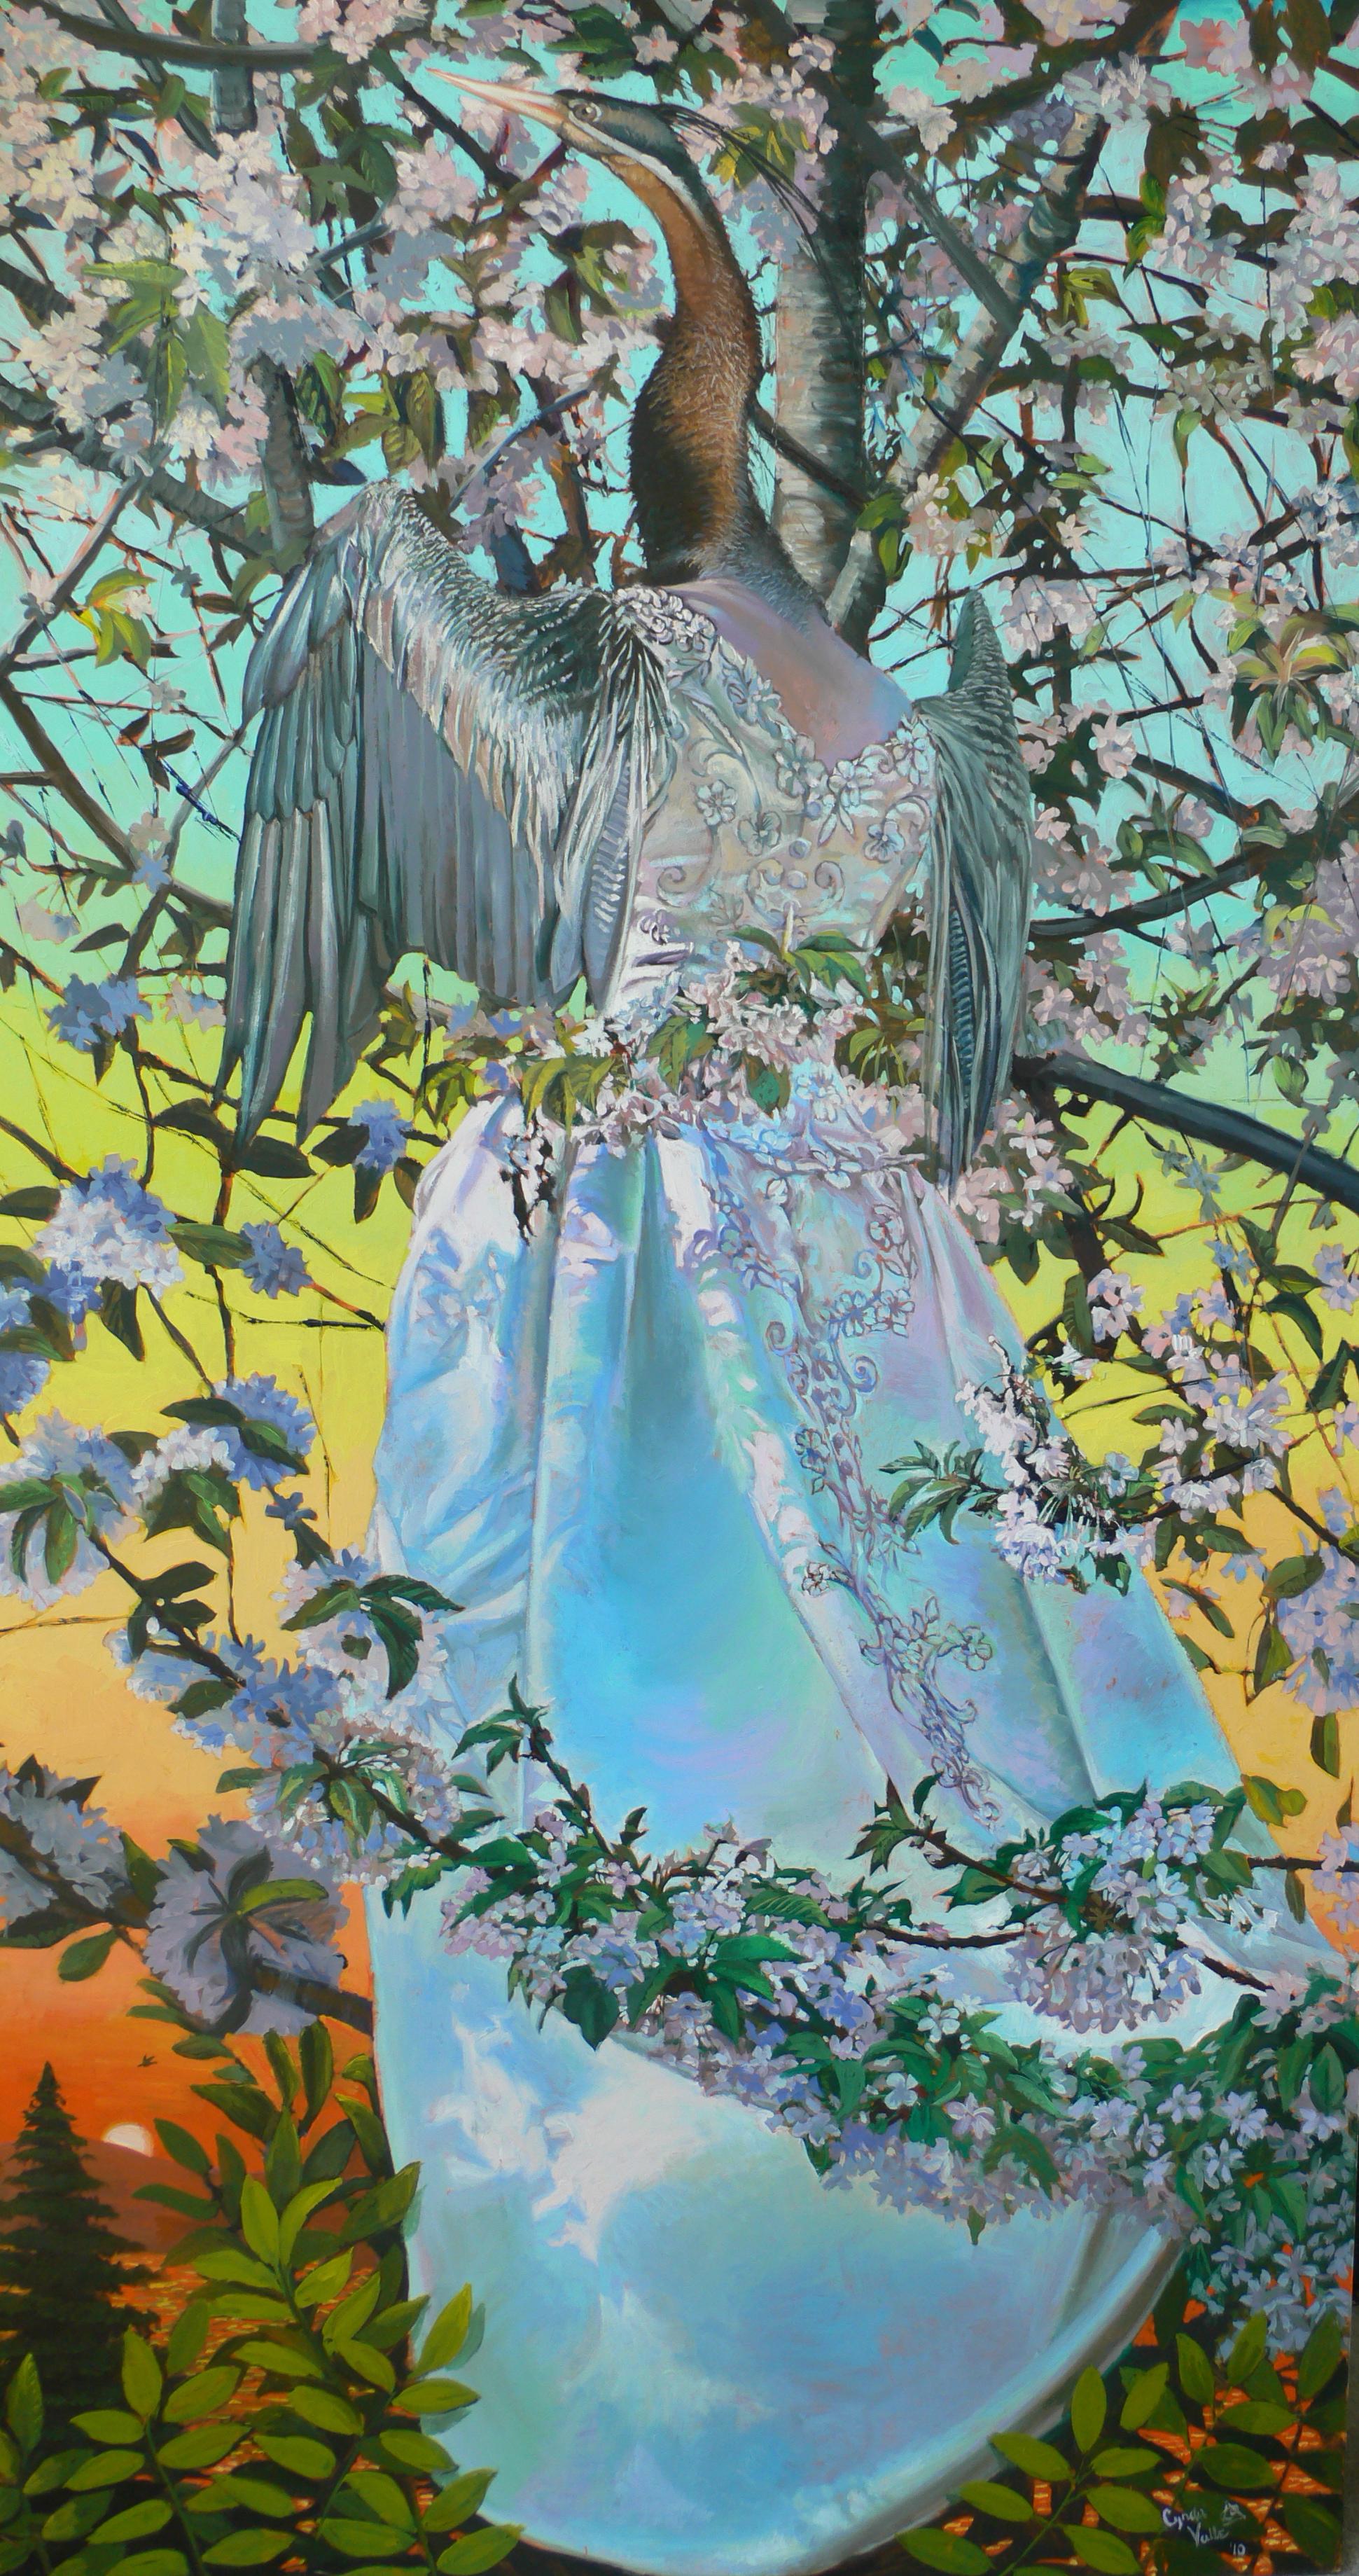 __a_strange_bird___by_cyndavalle.jpg